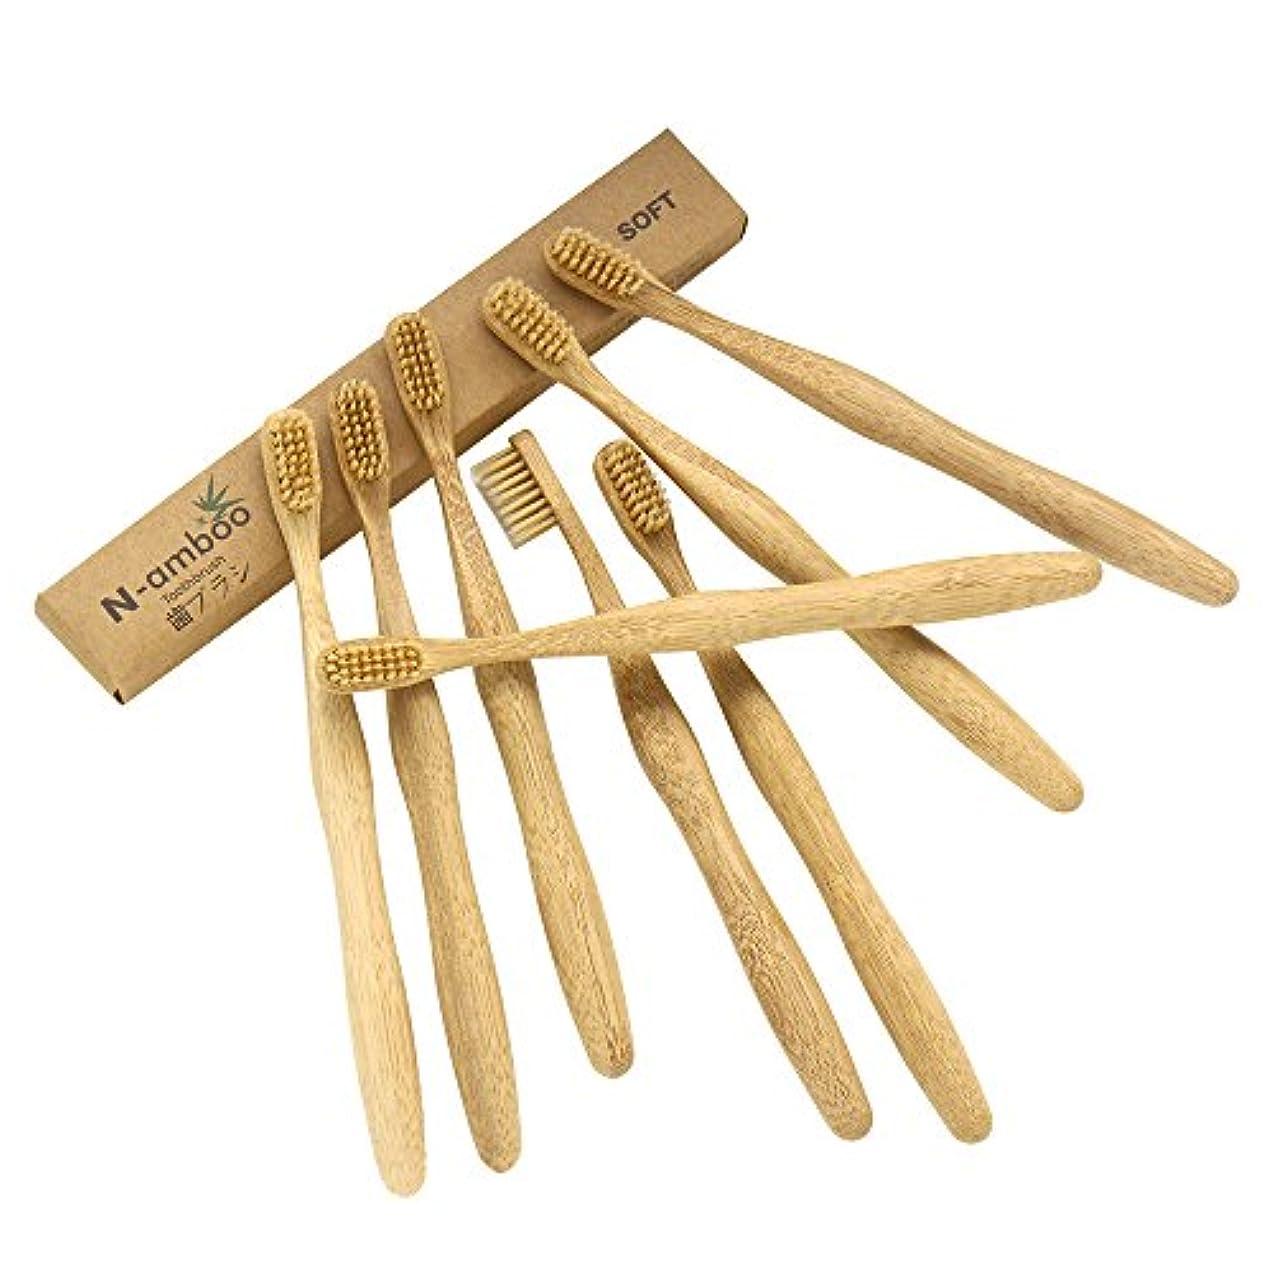 テザー海嶺シンボルN-amboo 竹製耐久度高い 歯ブラシ ベージュ 8本入り セット